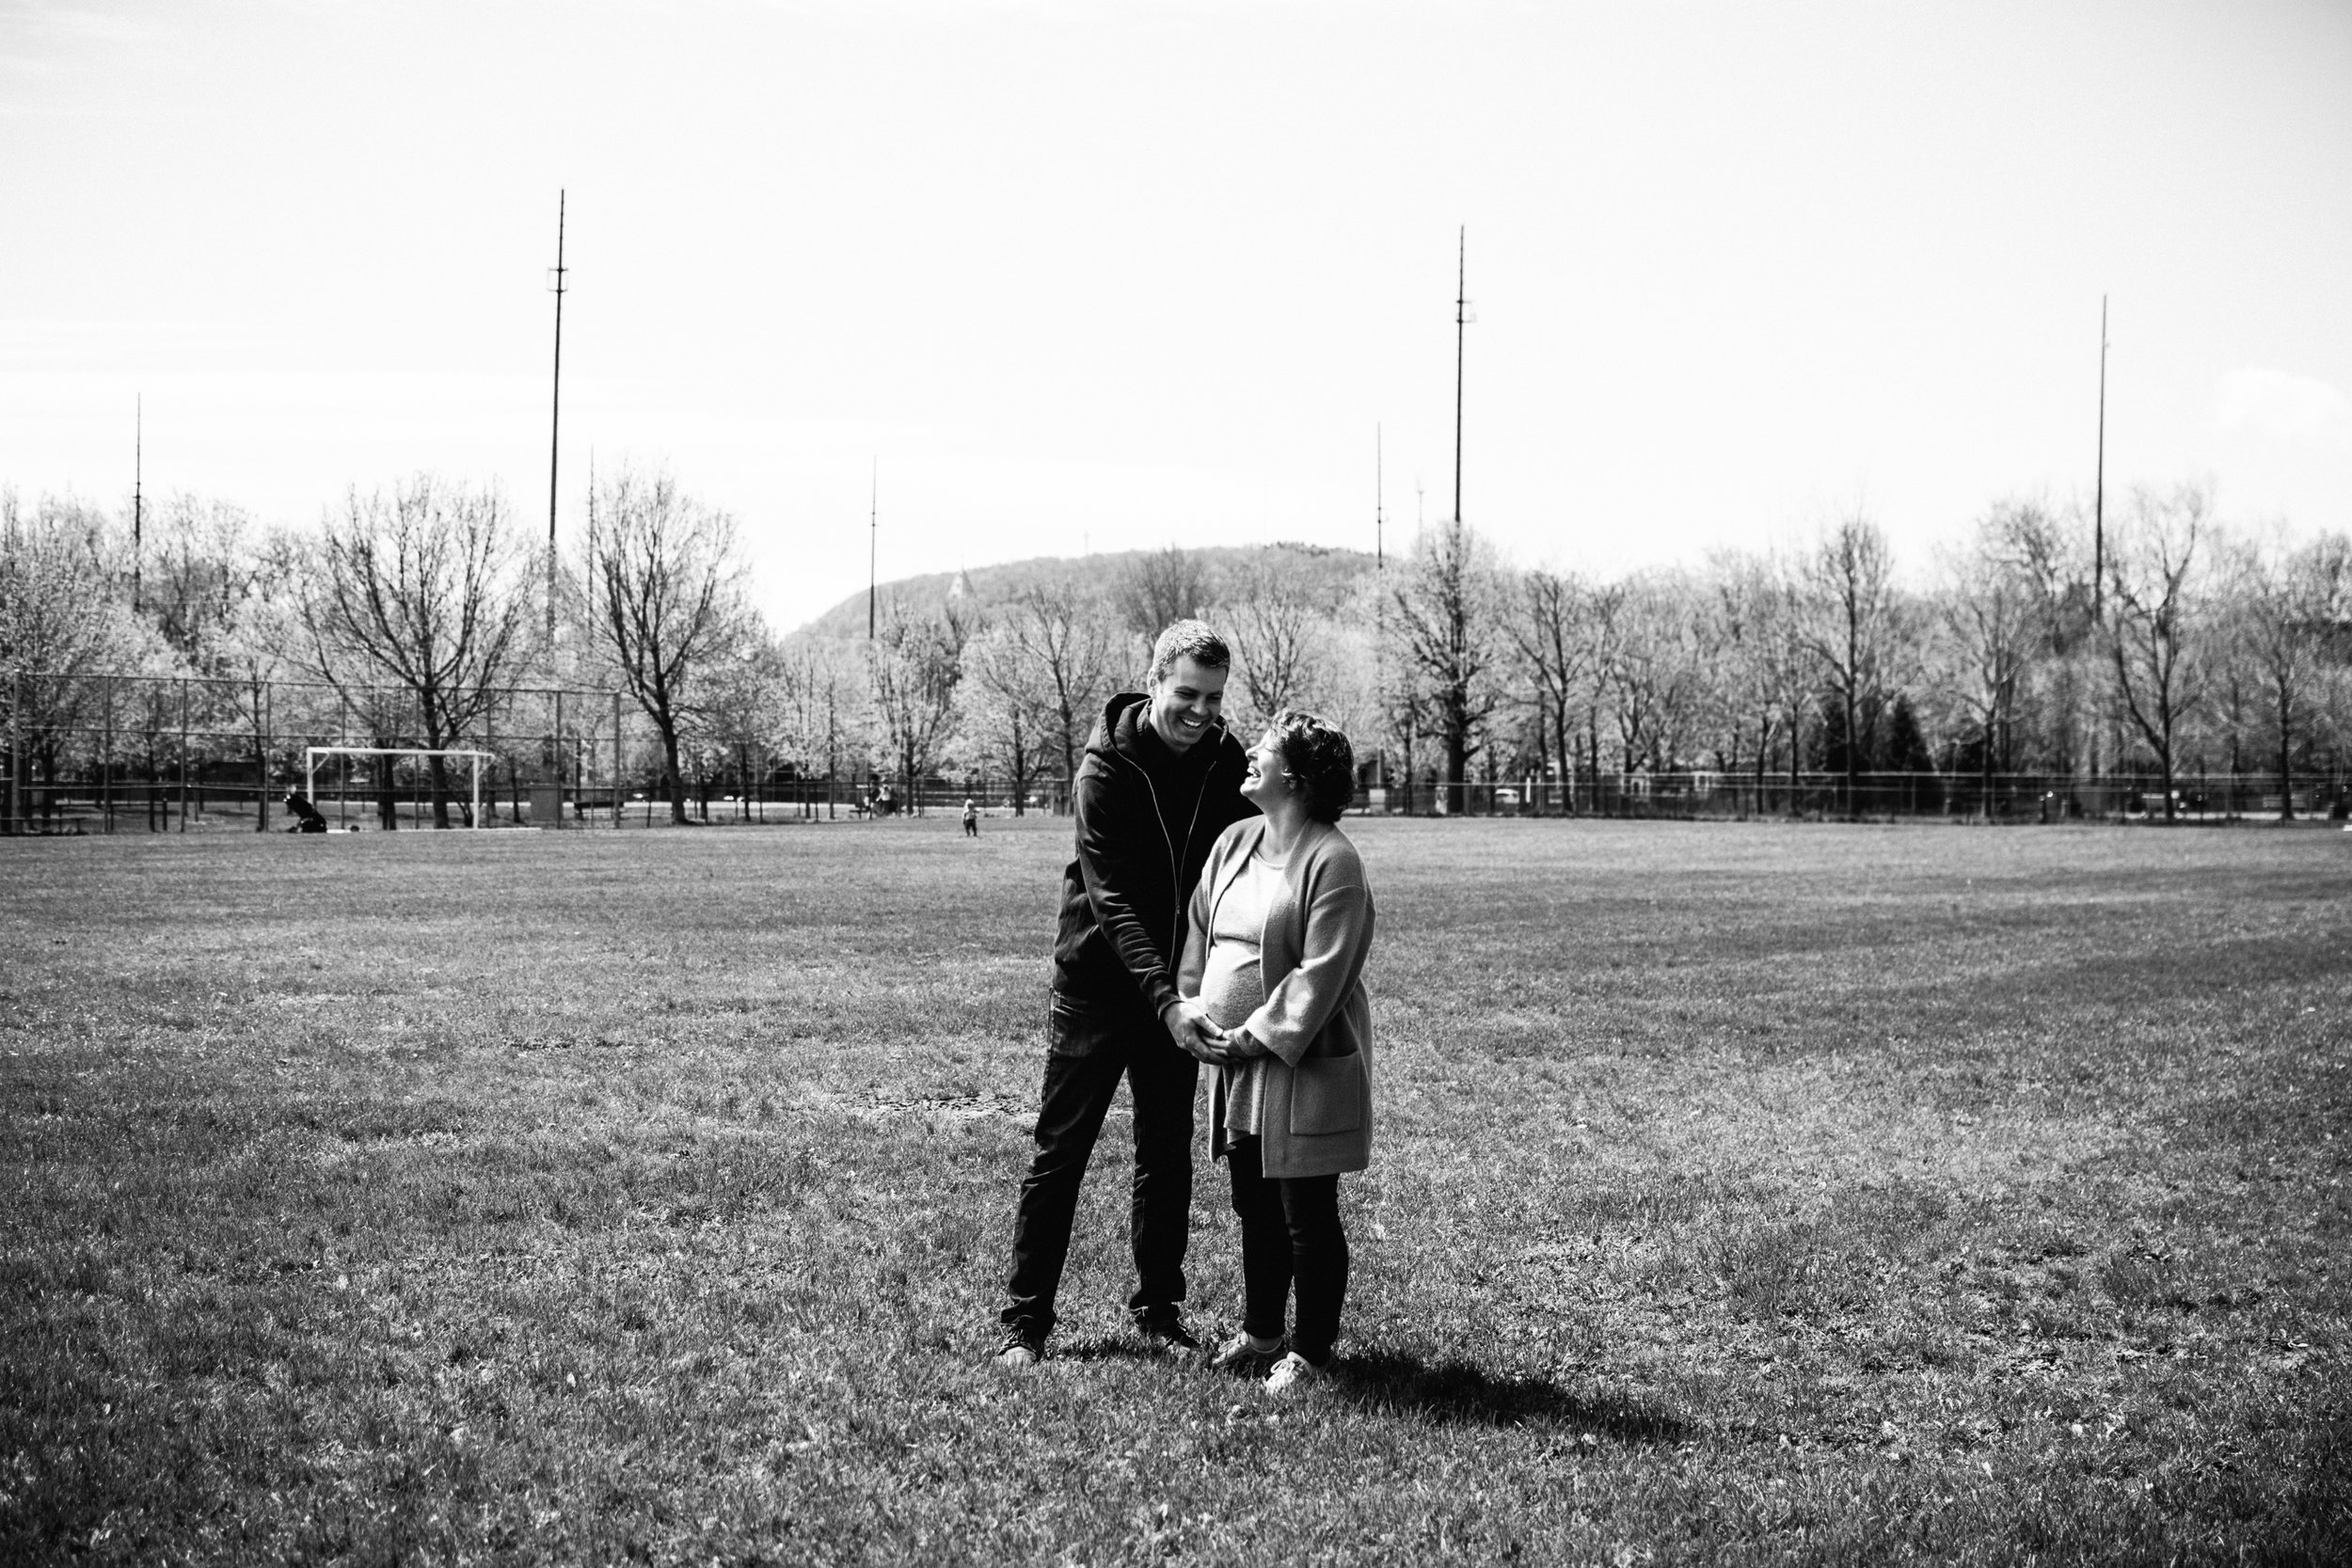 014-photo-noir-et-blanc-d-un-couple-qui-rigole-femme-enceinte-devant-le-mont-royal-photographe-lifestyle-famille-et-nouveau-ne-a-montreal-marianne-charland-131.jpg